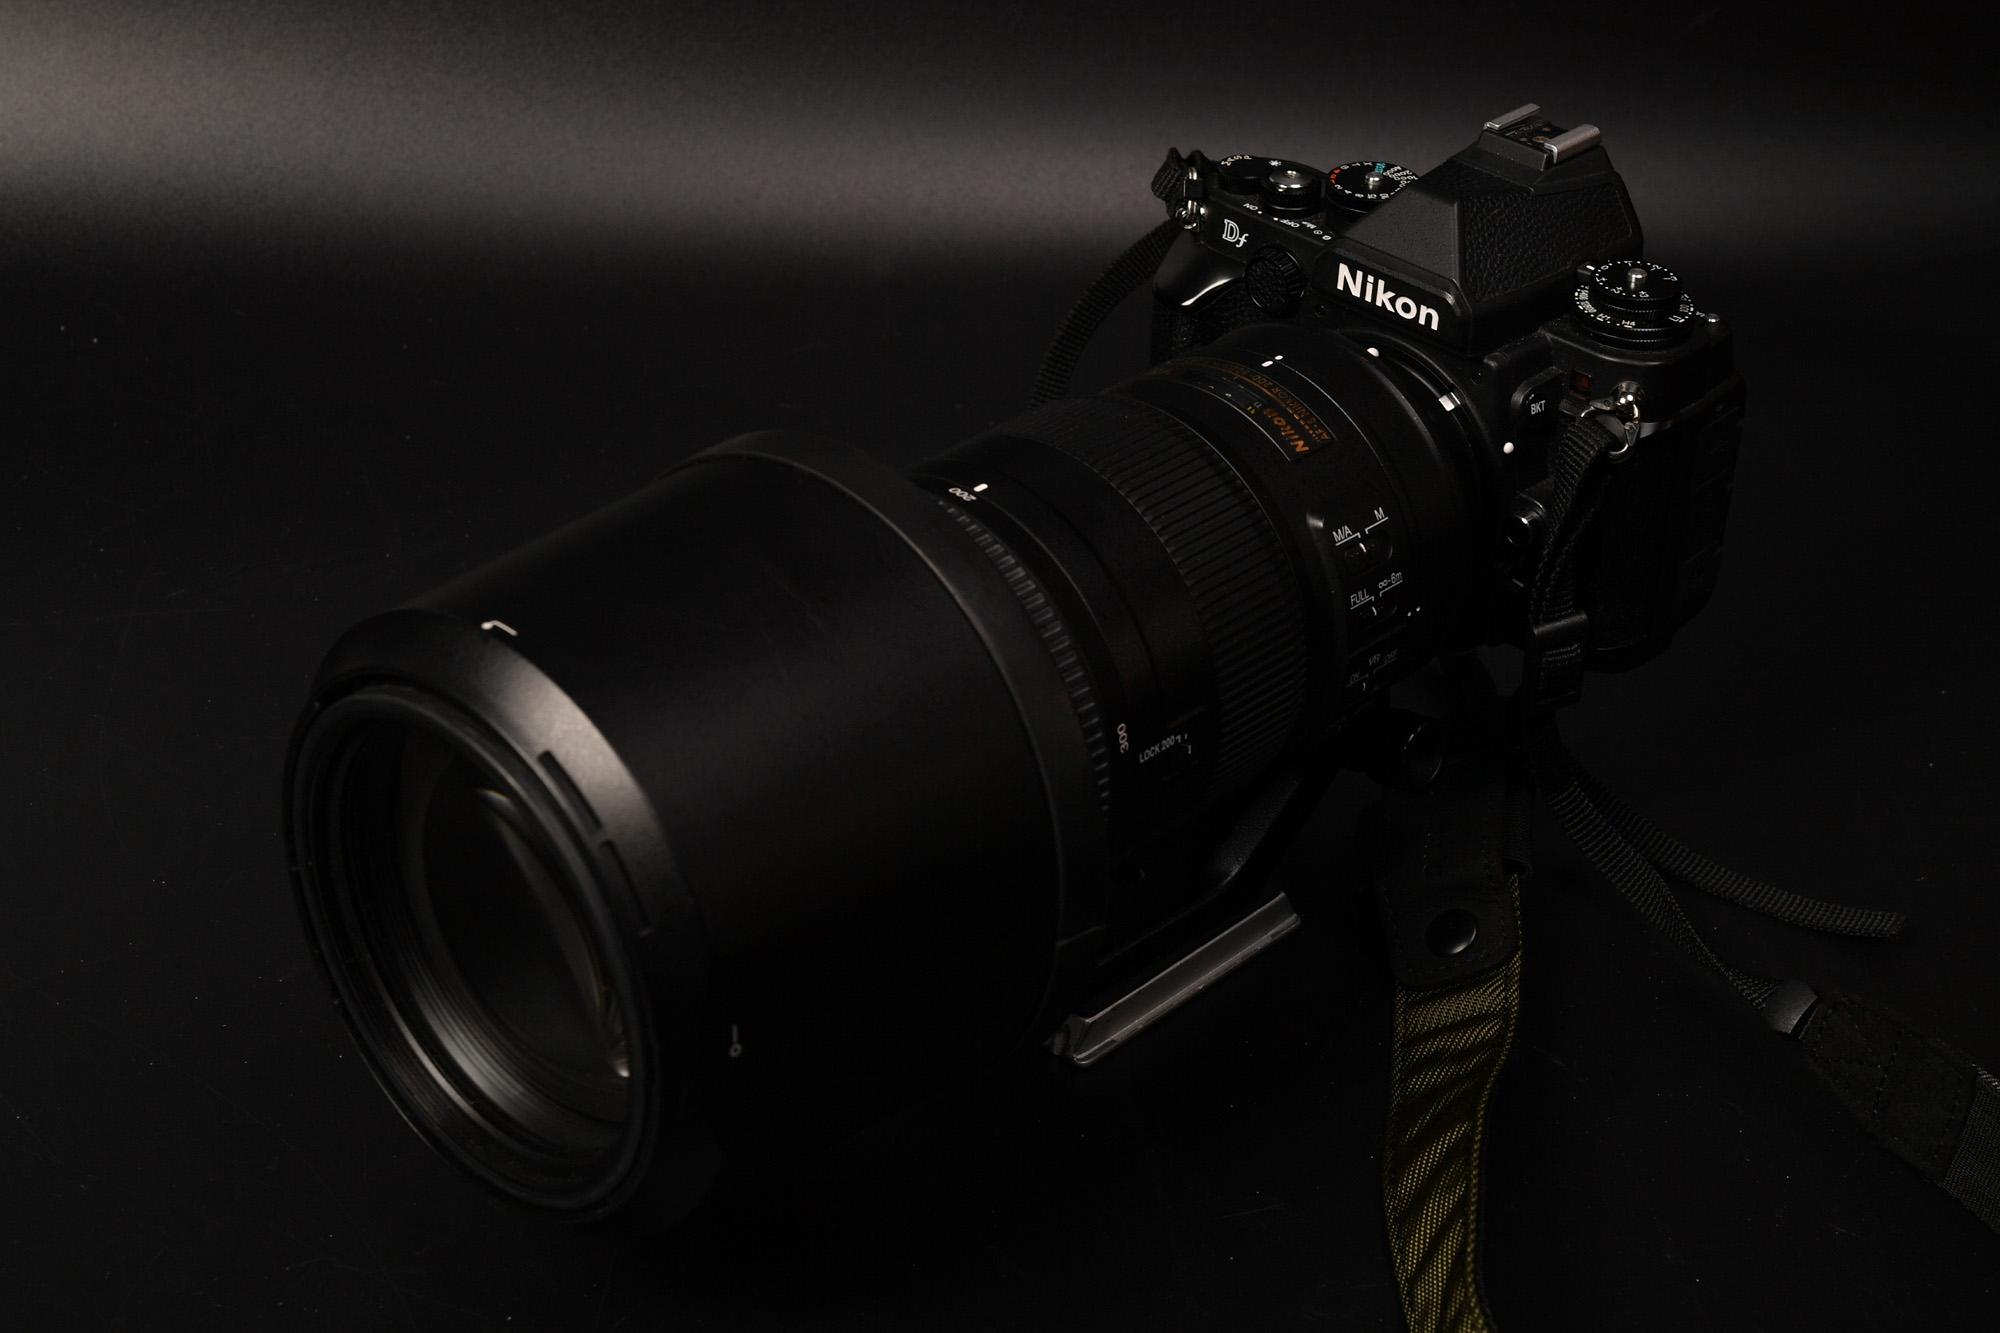 AF-S NIKKOR 200-500mm F5.6E ED VR ついに分解を決意。